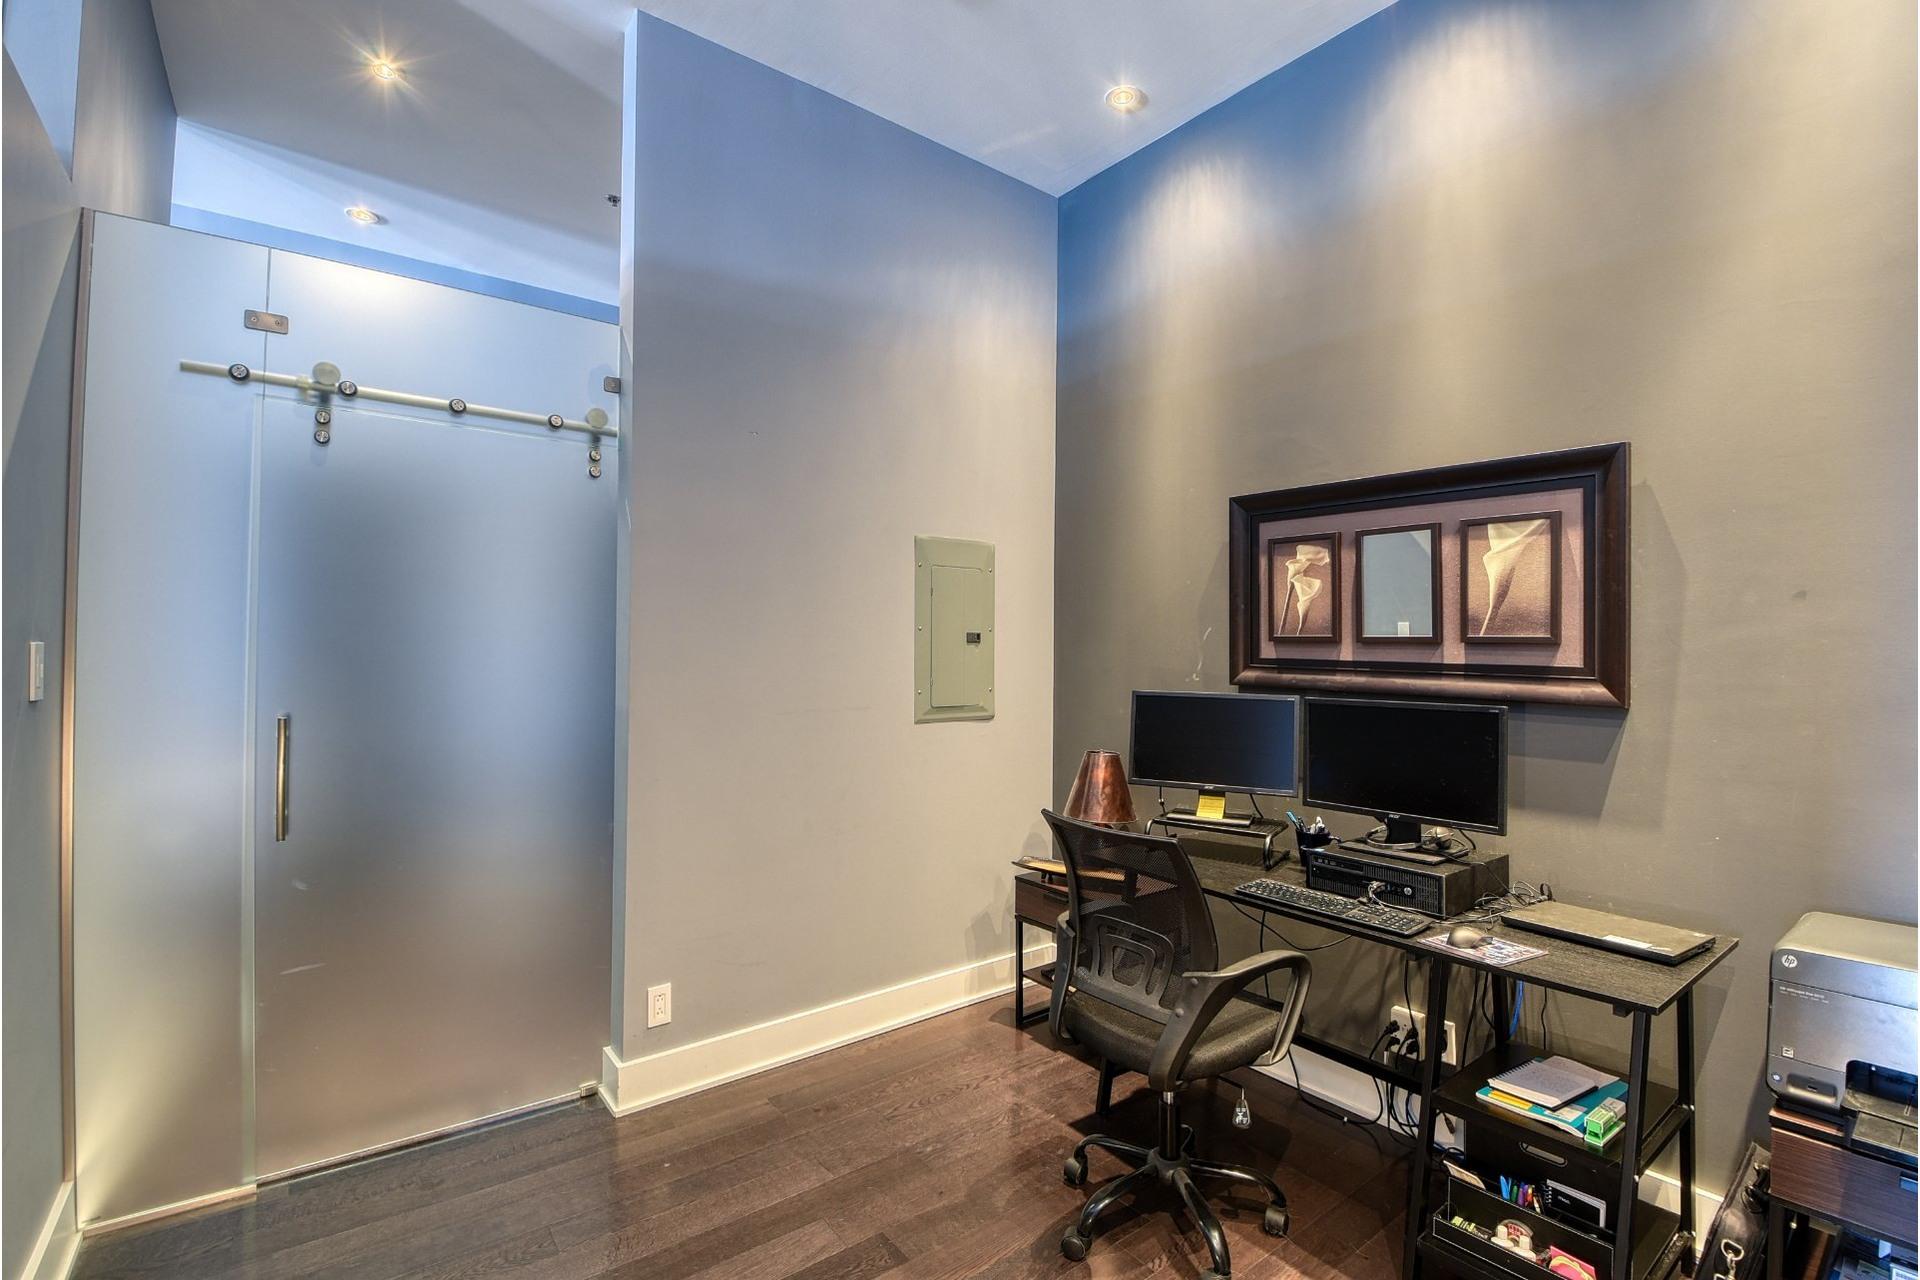 image 25 - Appartement À vendre Lachine Montréal  - 12 pièces